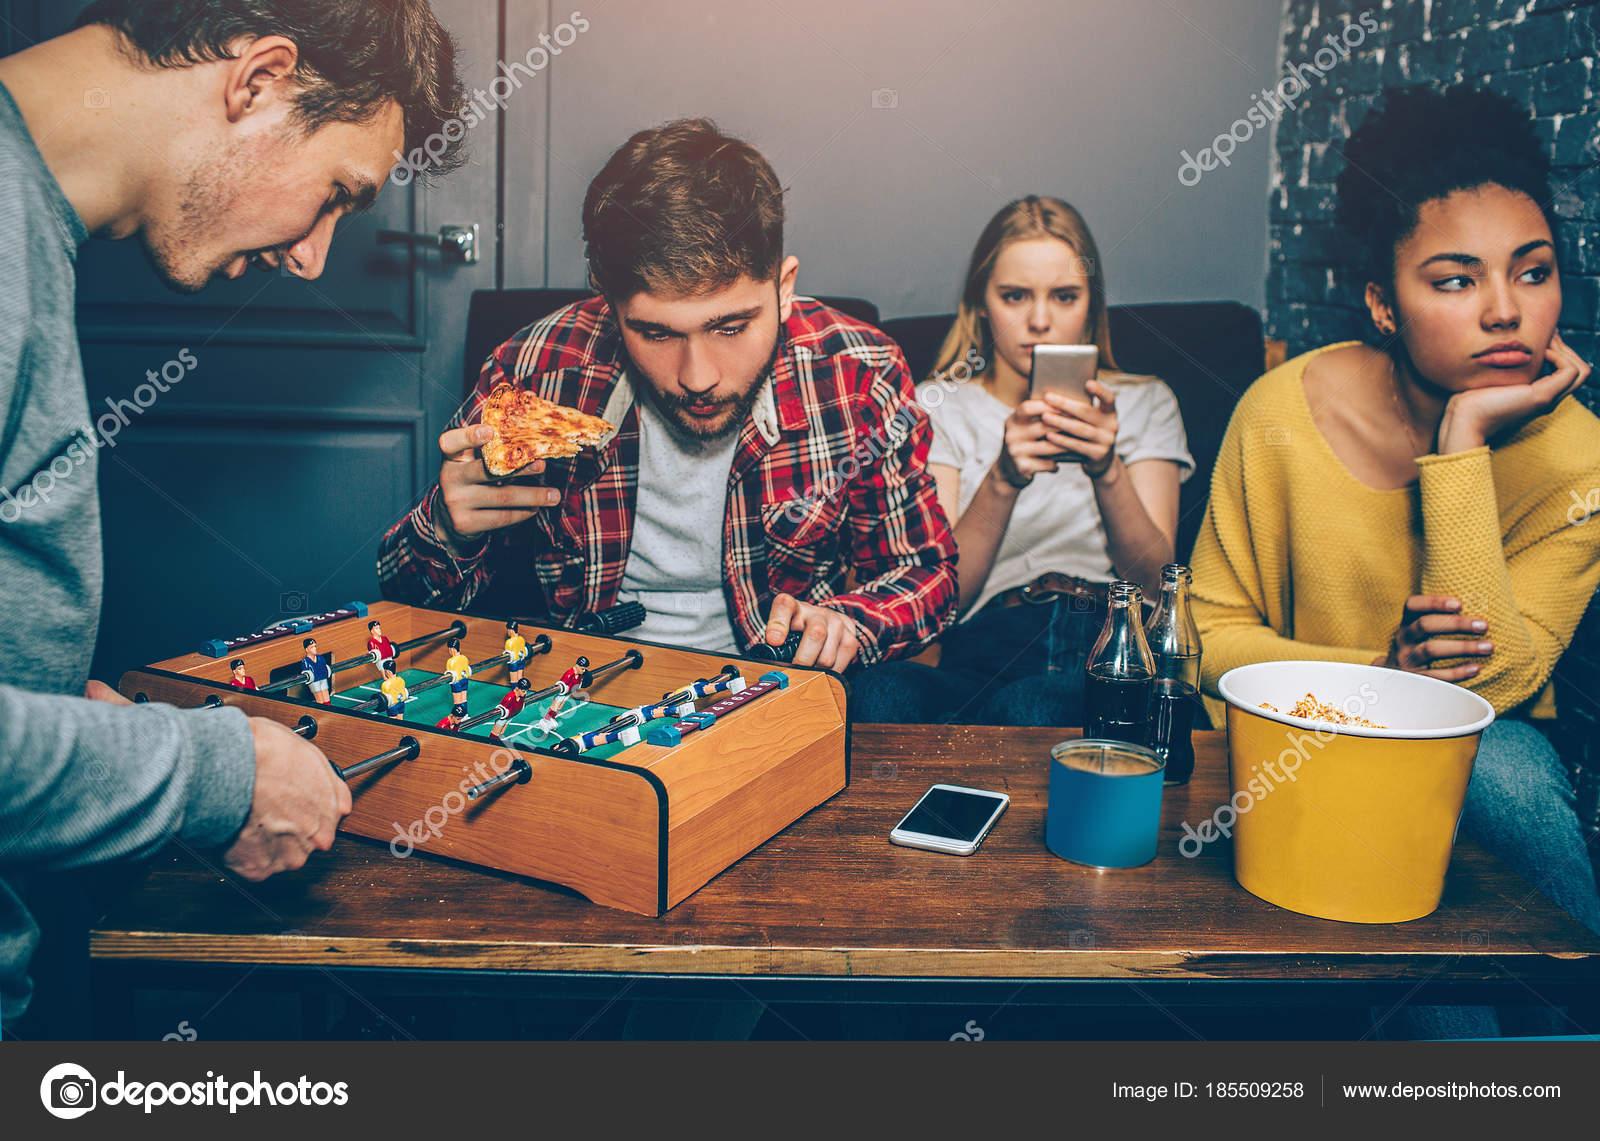 Dos niños están jugando tablero de juego de fútbol. Están muy concentrados  en él mientras que las niñas están viendo en el teléfono y sensación  aburridas. 65f3e64e9ca53